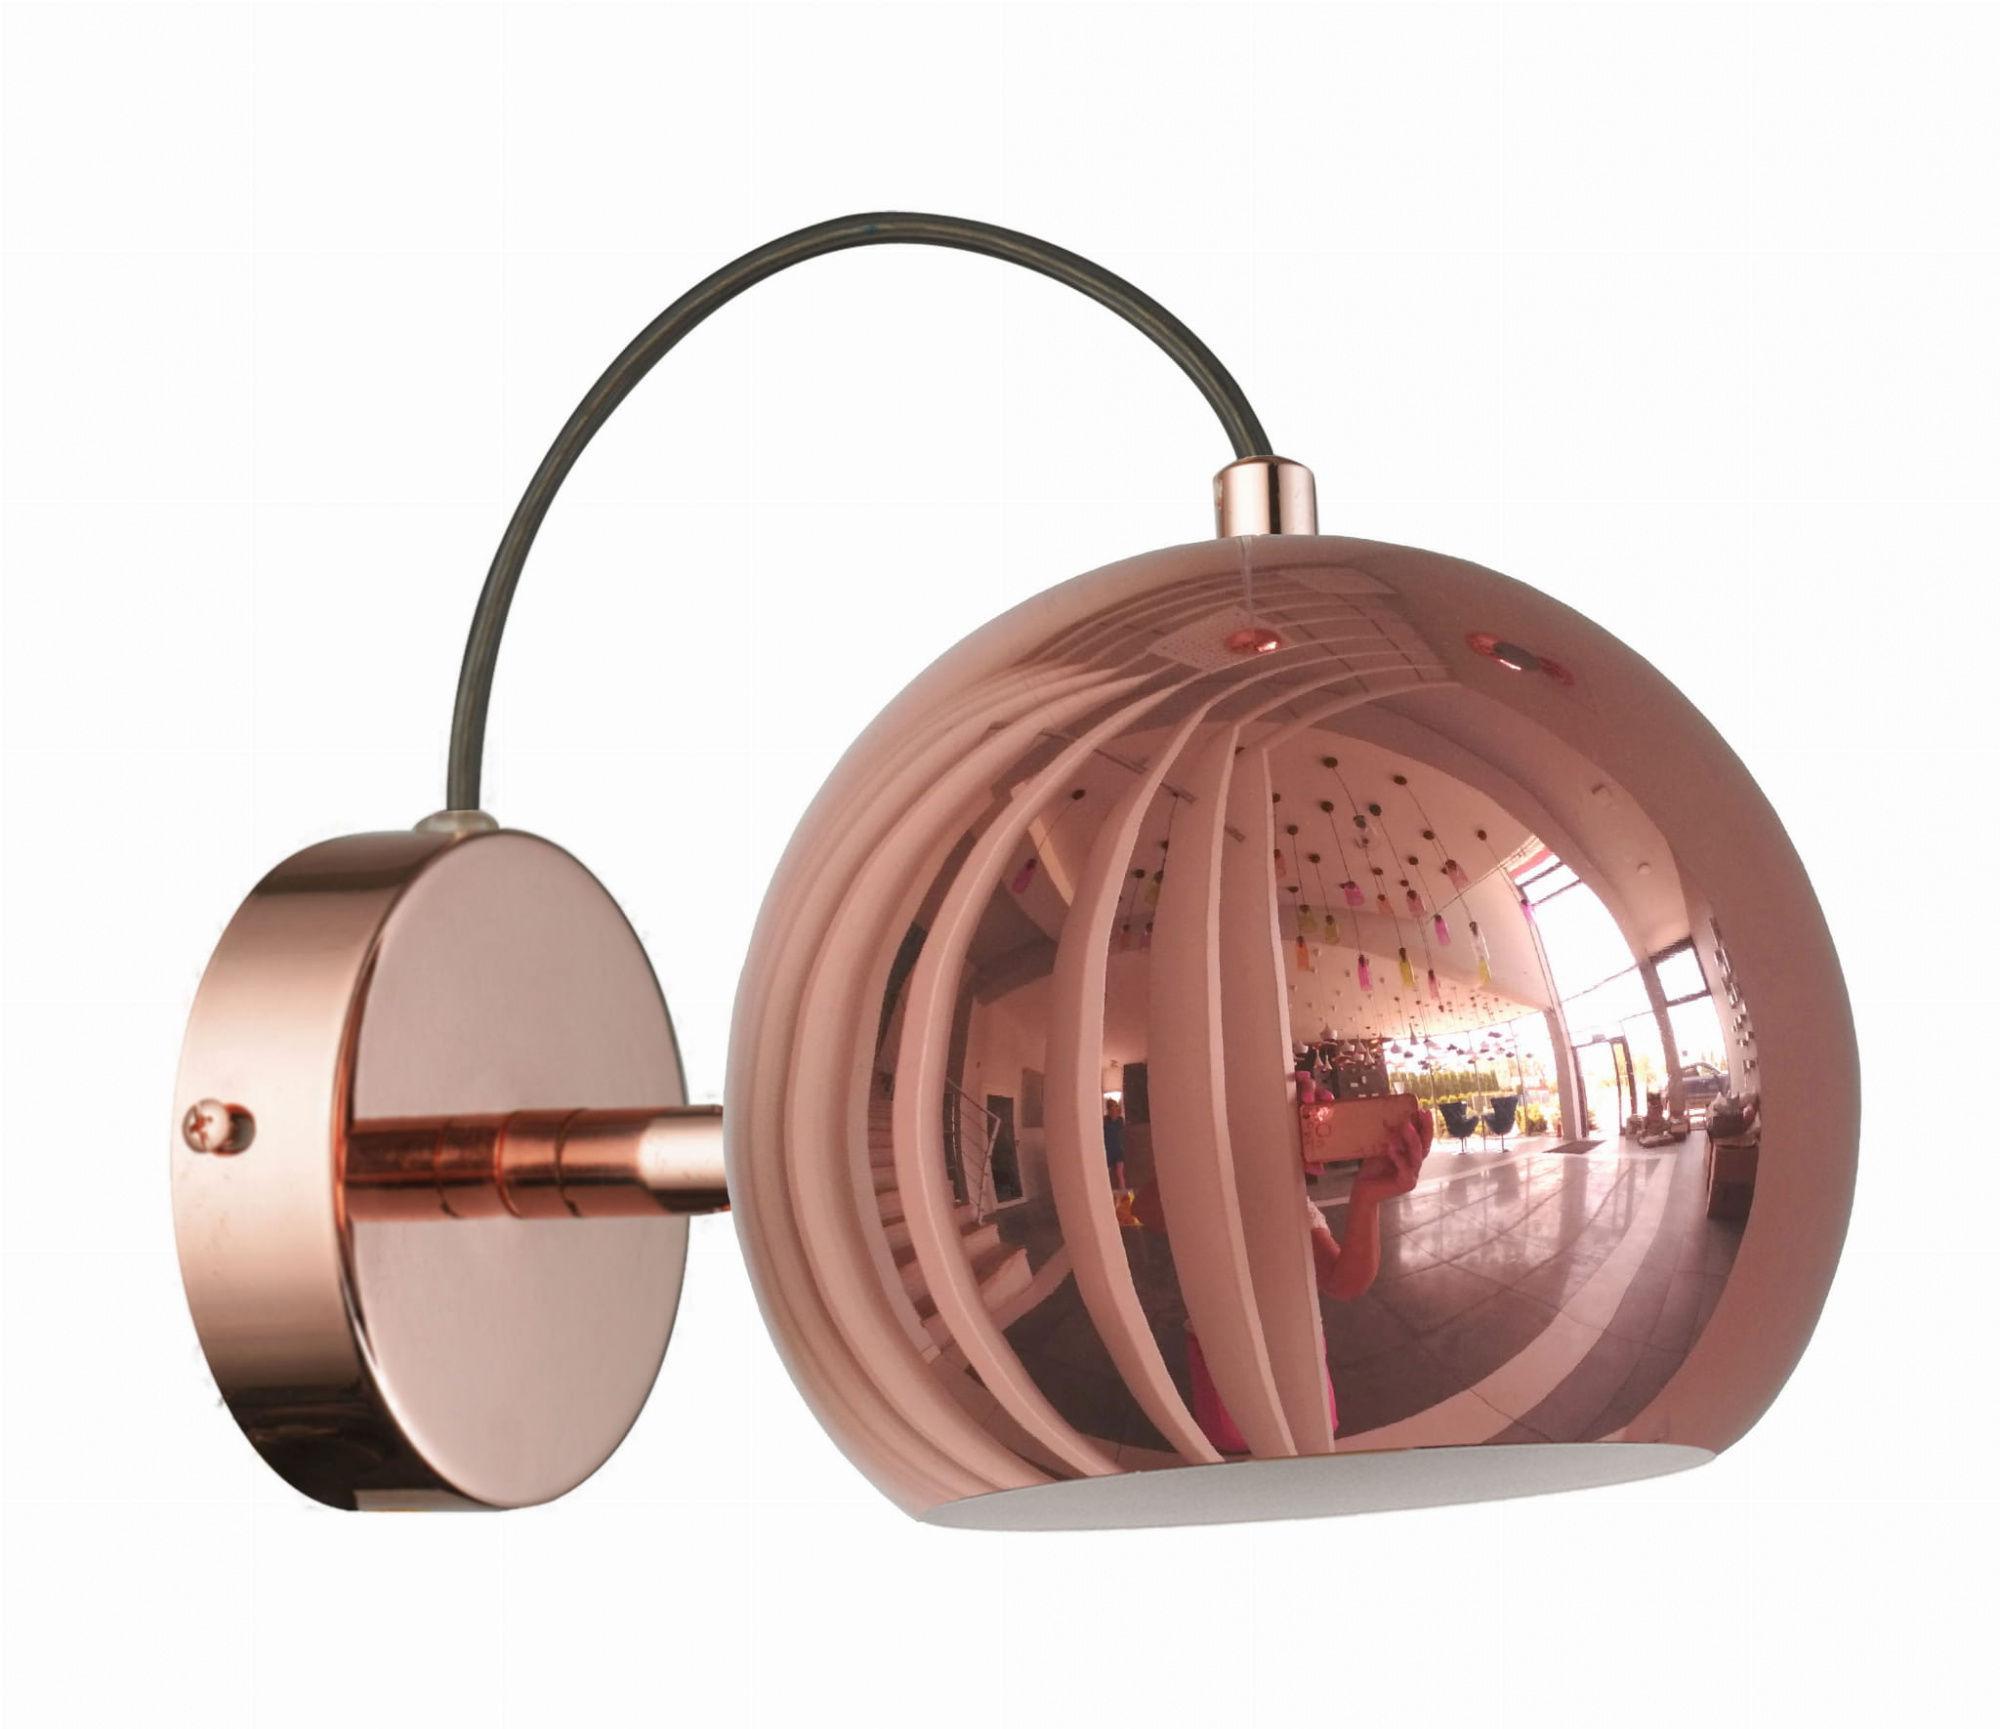 Kinkiet Rame LP-2014/1W Light Prestige nowoczesna lampa ścienna w kolorze miedzianym